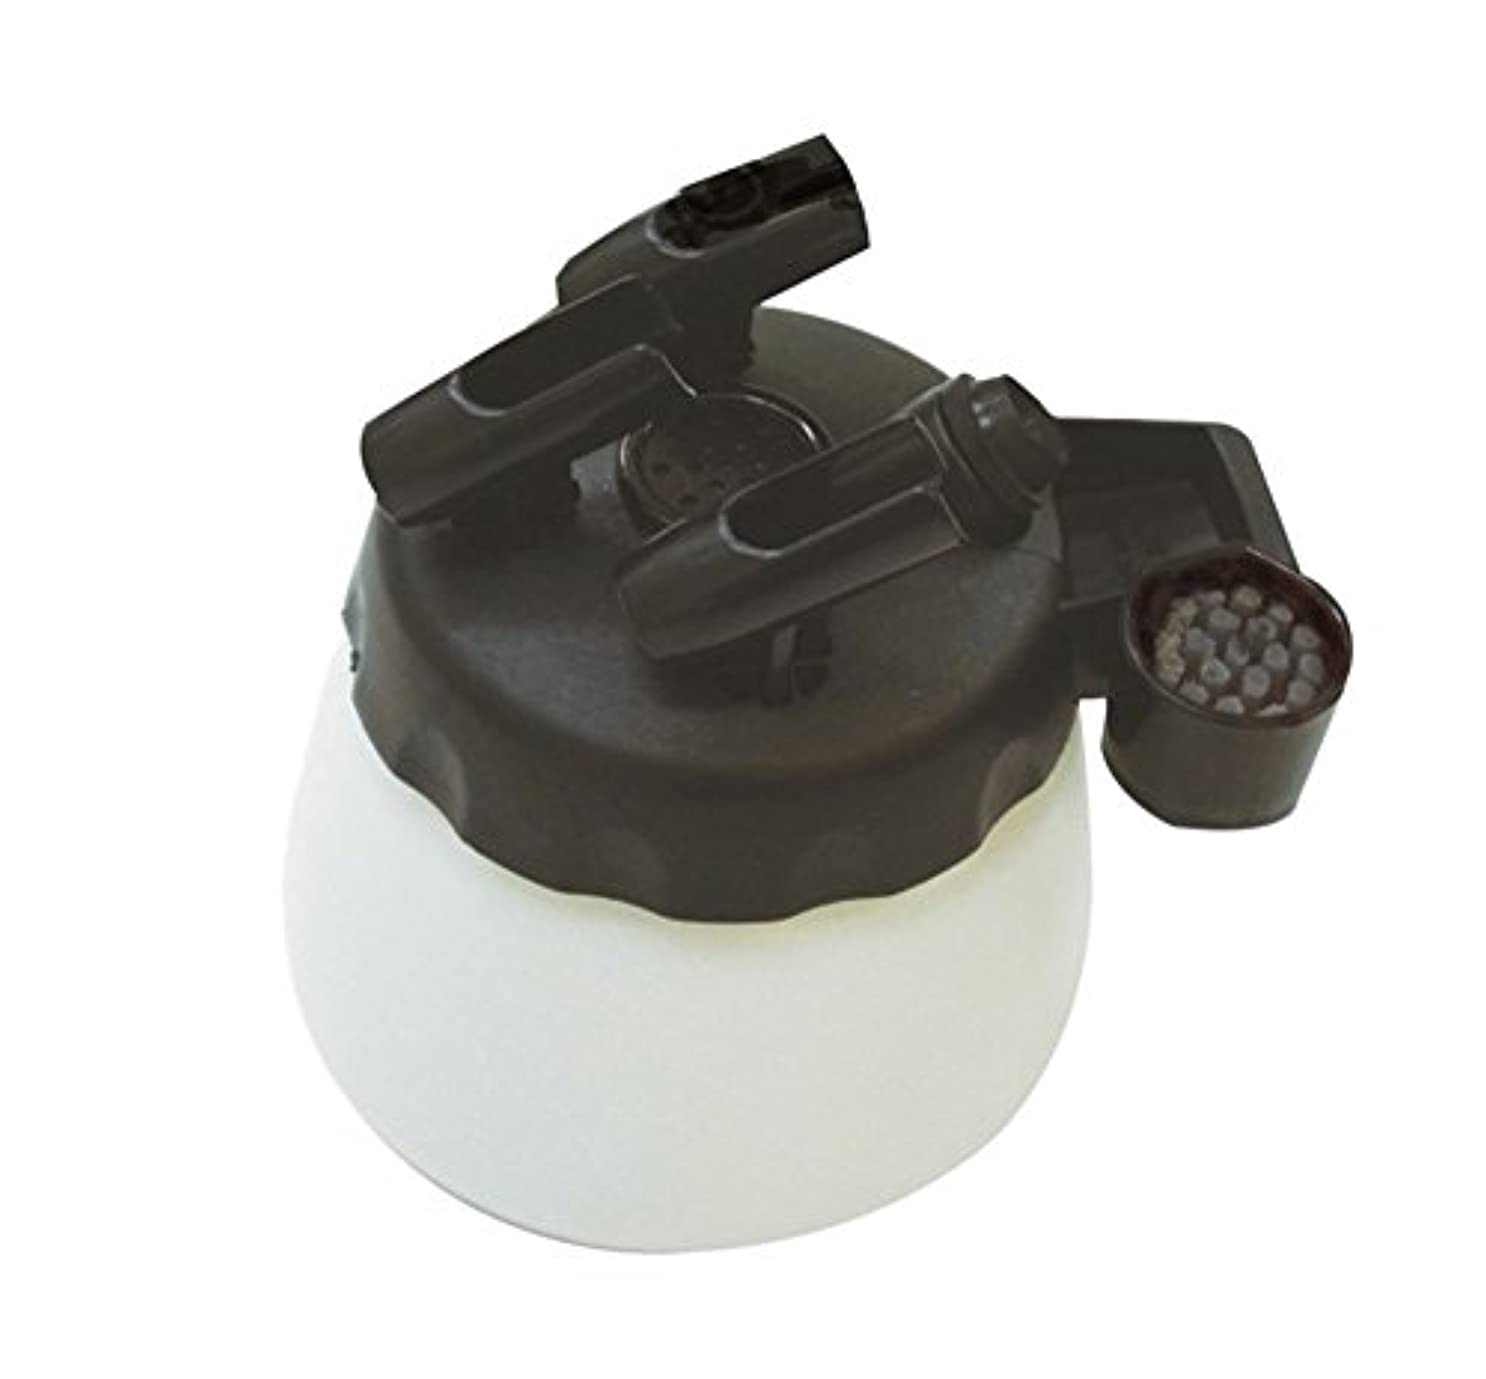 潮雨の不利益AIRTEX クリーナーボトル ケトル2 エアブラシ洗浄